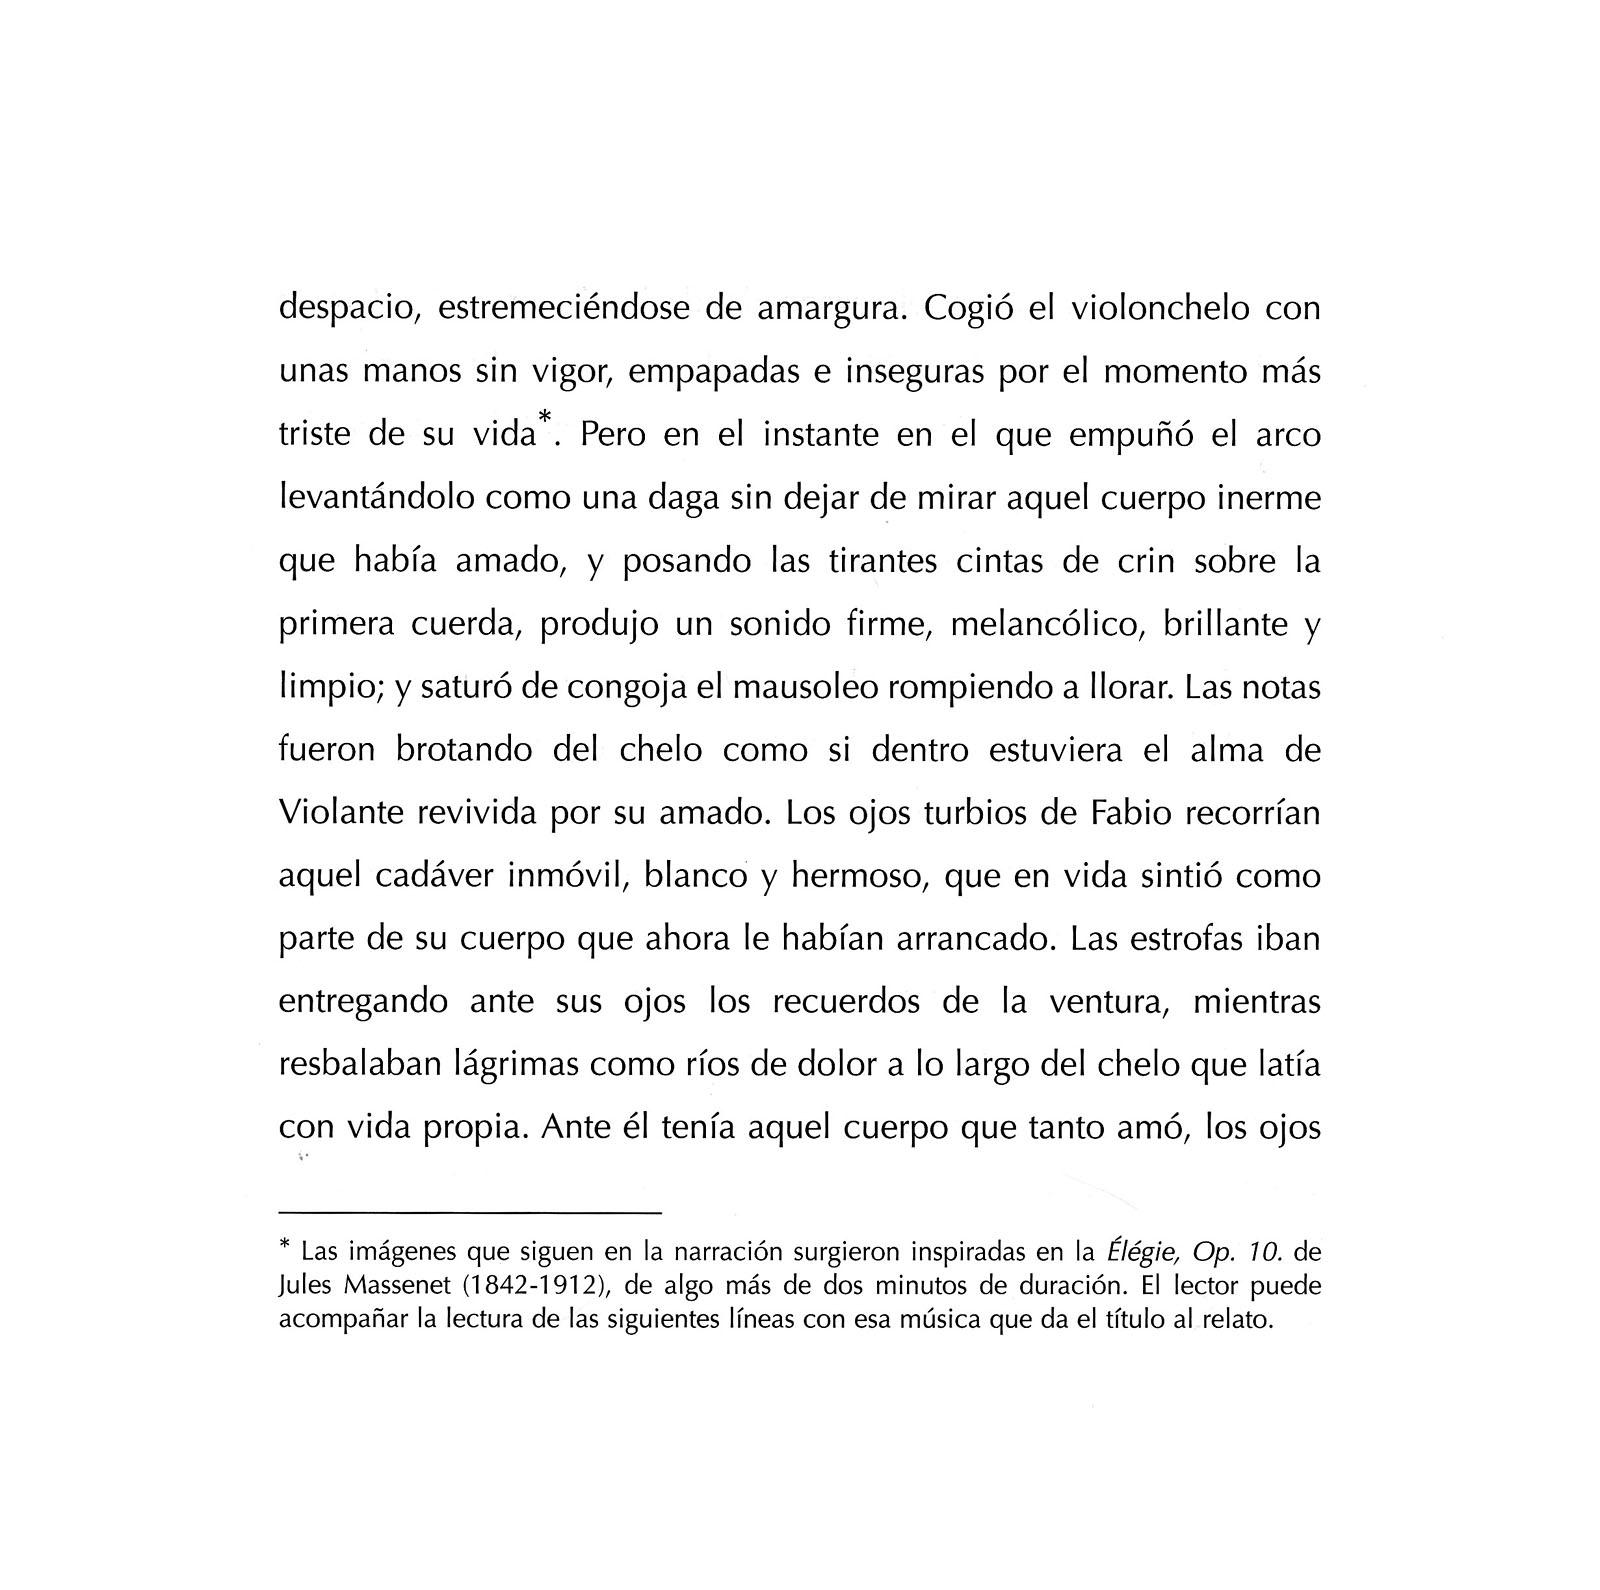 danielvillalobos-calderonsamaniego-shortnovel-spanishliterature-23